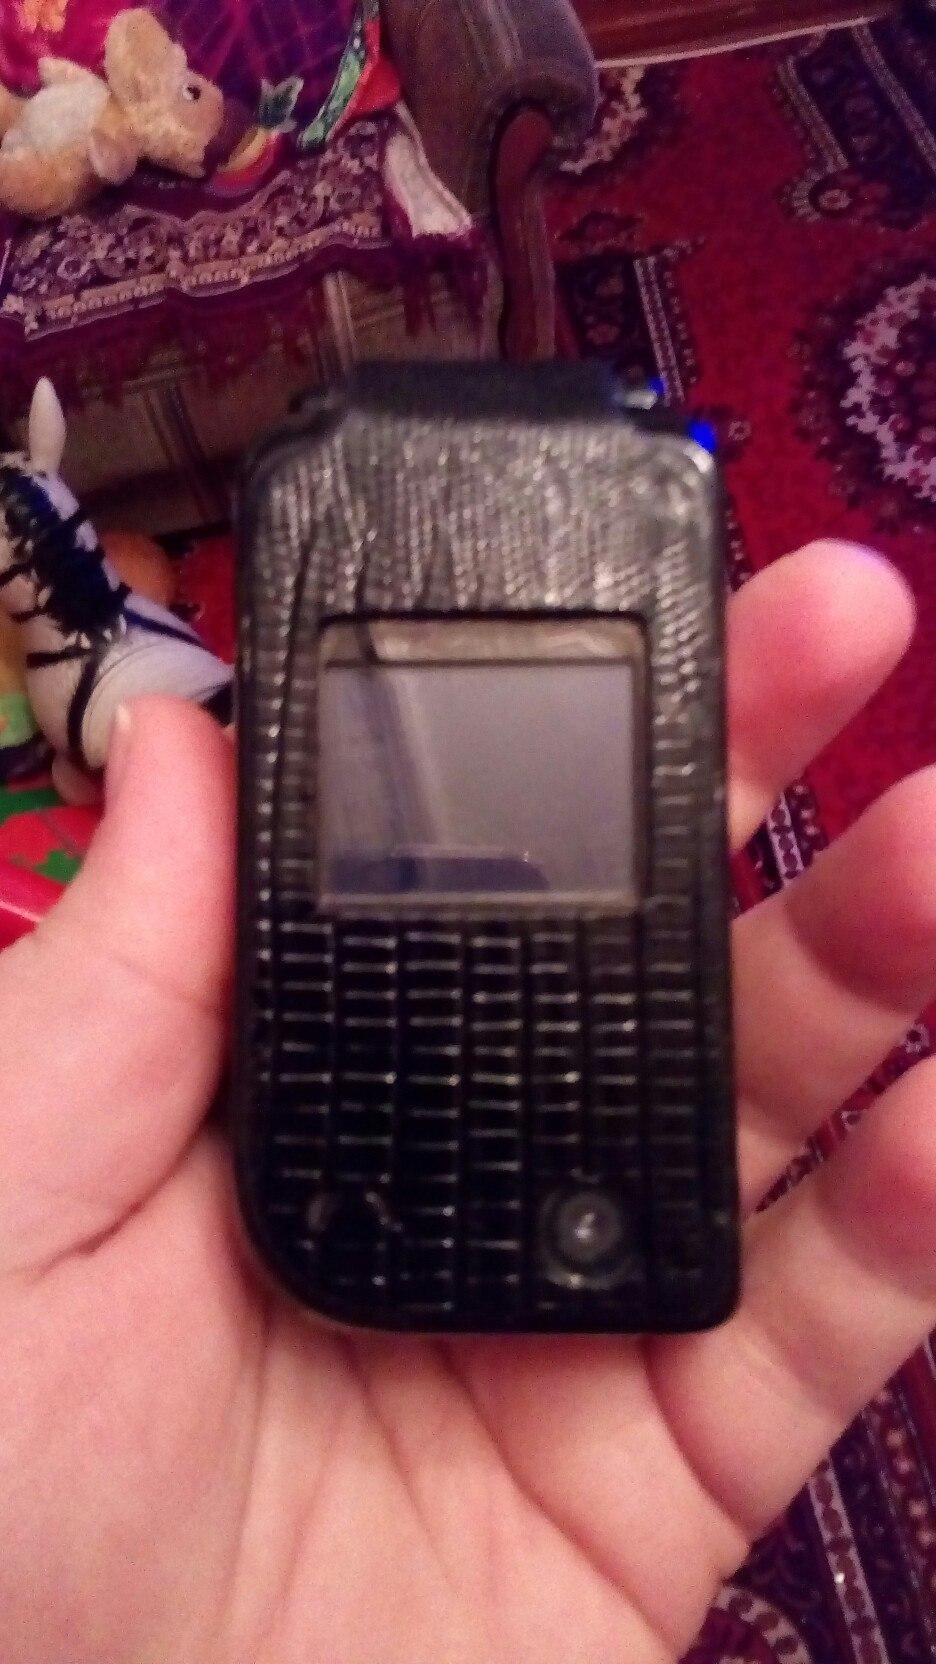 Случайно не какого не осталась зарядка для этого телефона?